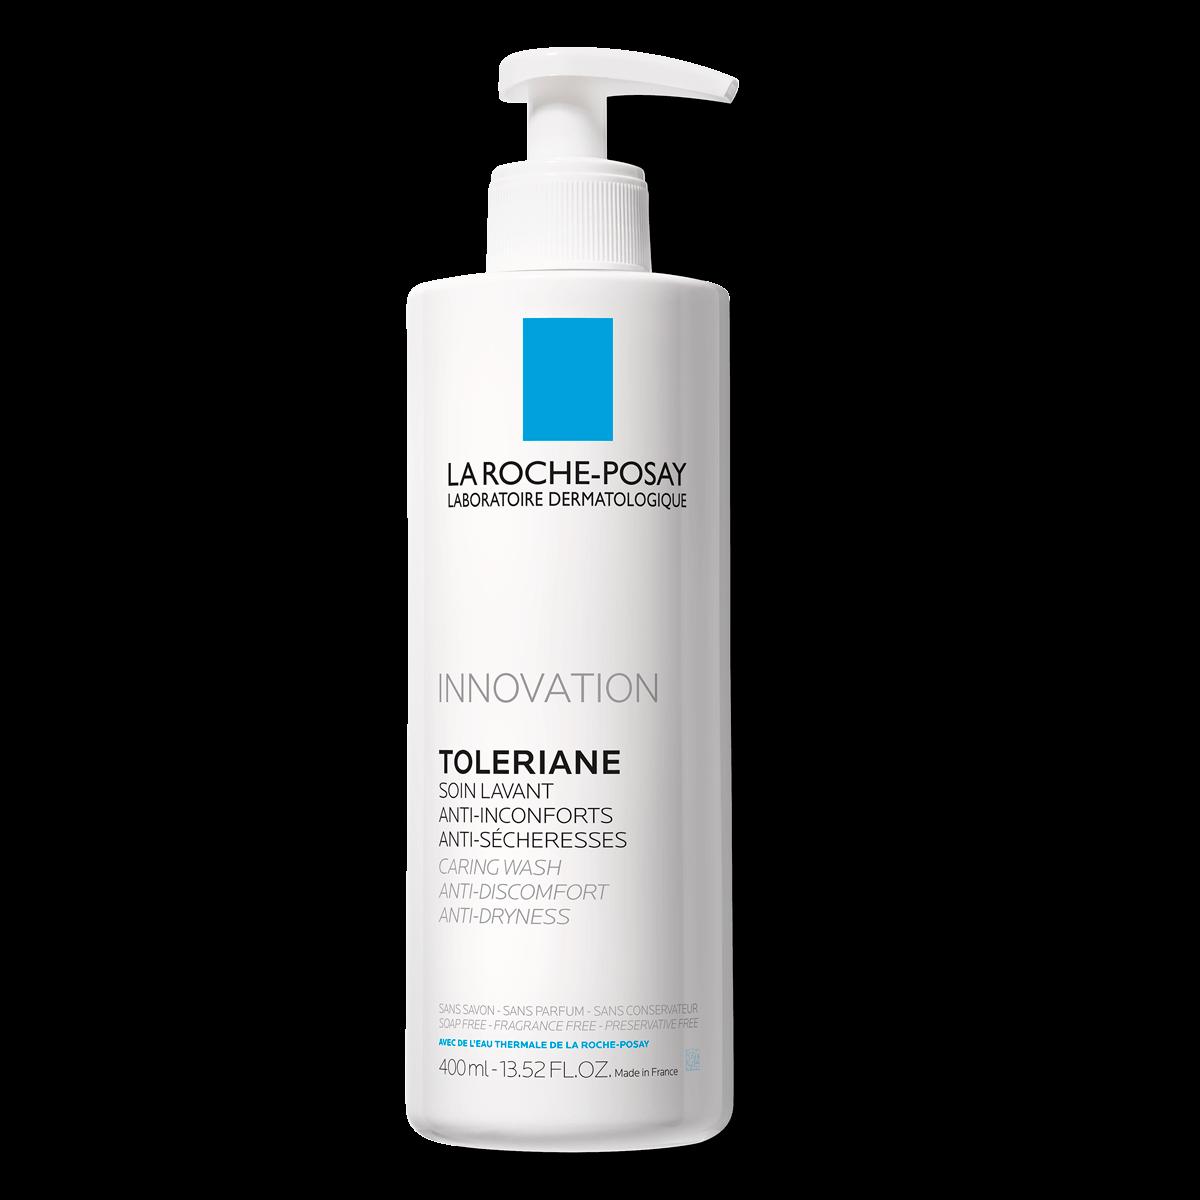 La Roche Posay TermékOldal Érzékeny Allergiára Hajlamos Bőr Toleriane Nyugtató Lemosó 40